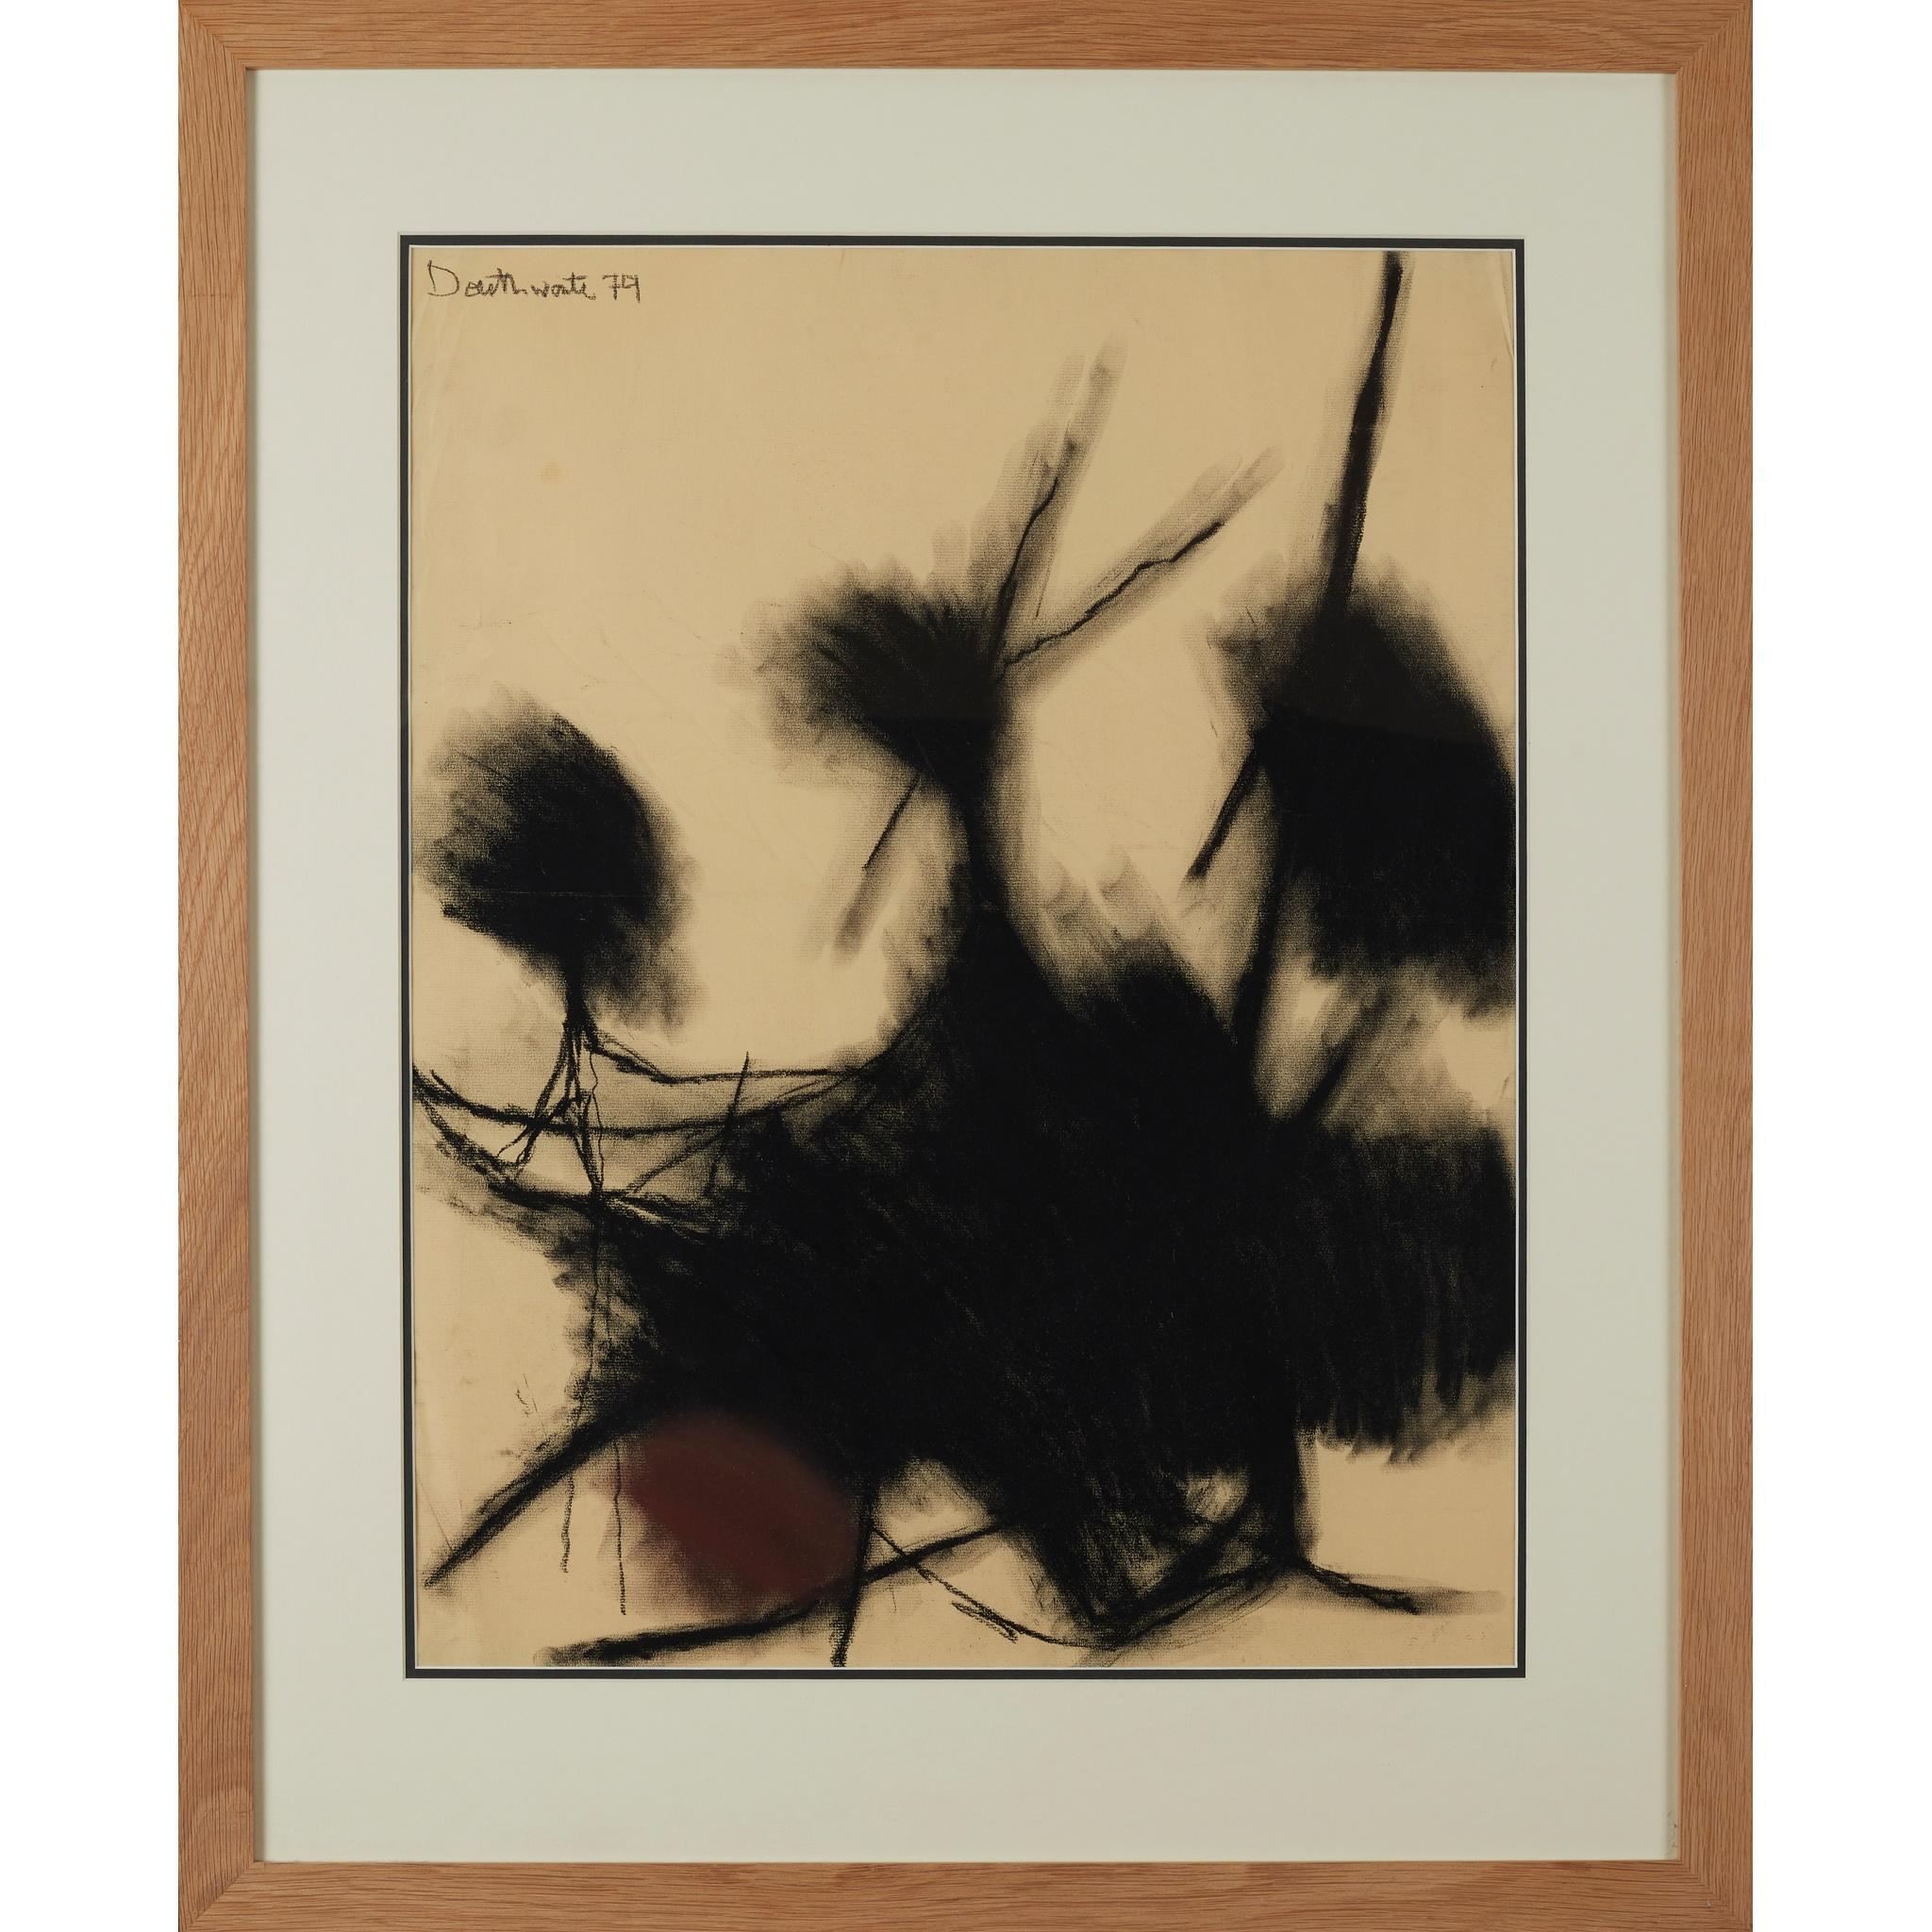 § PATRICIA DOUTHWAITE (SCOTTISH 1939-2002) UNTITLED (BLACK FORMS) - Image 2 of 3